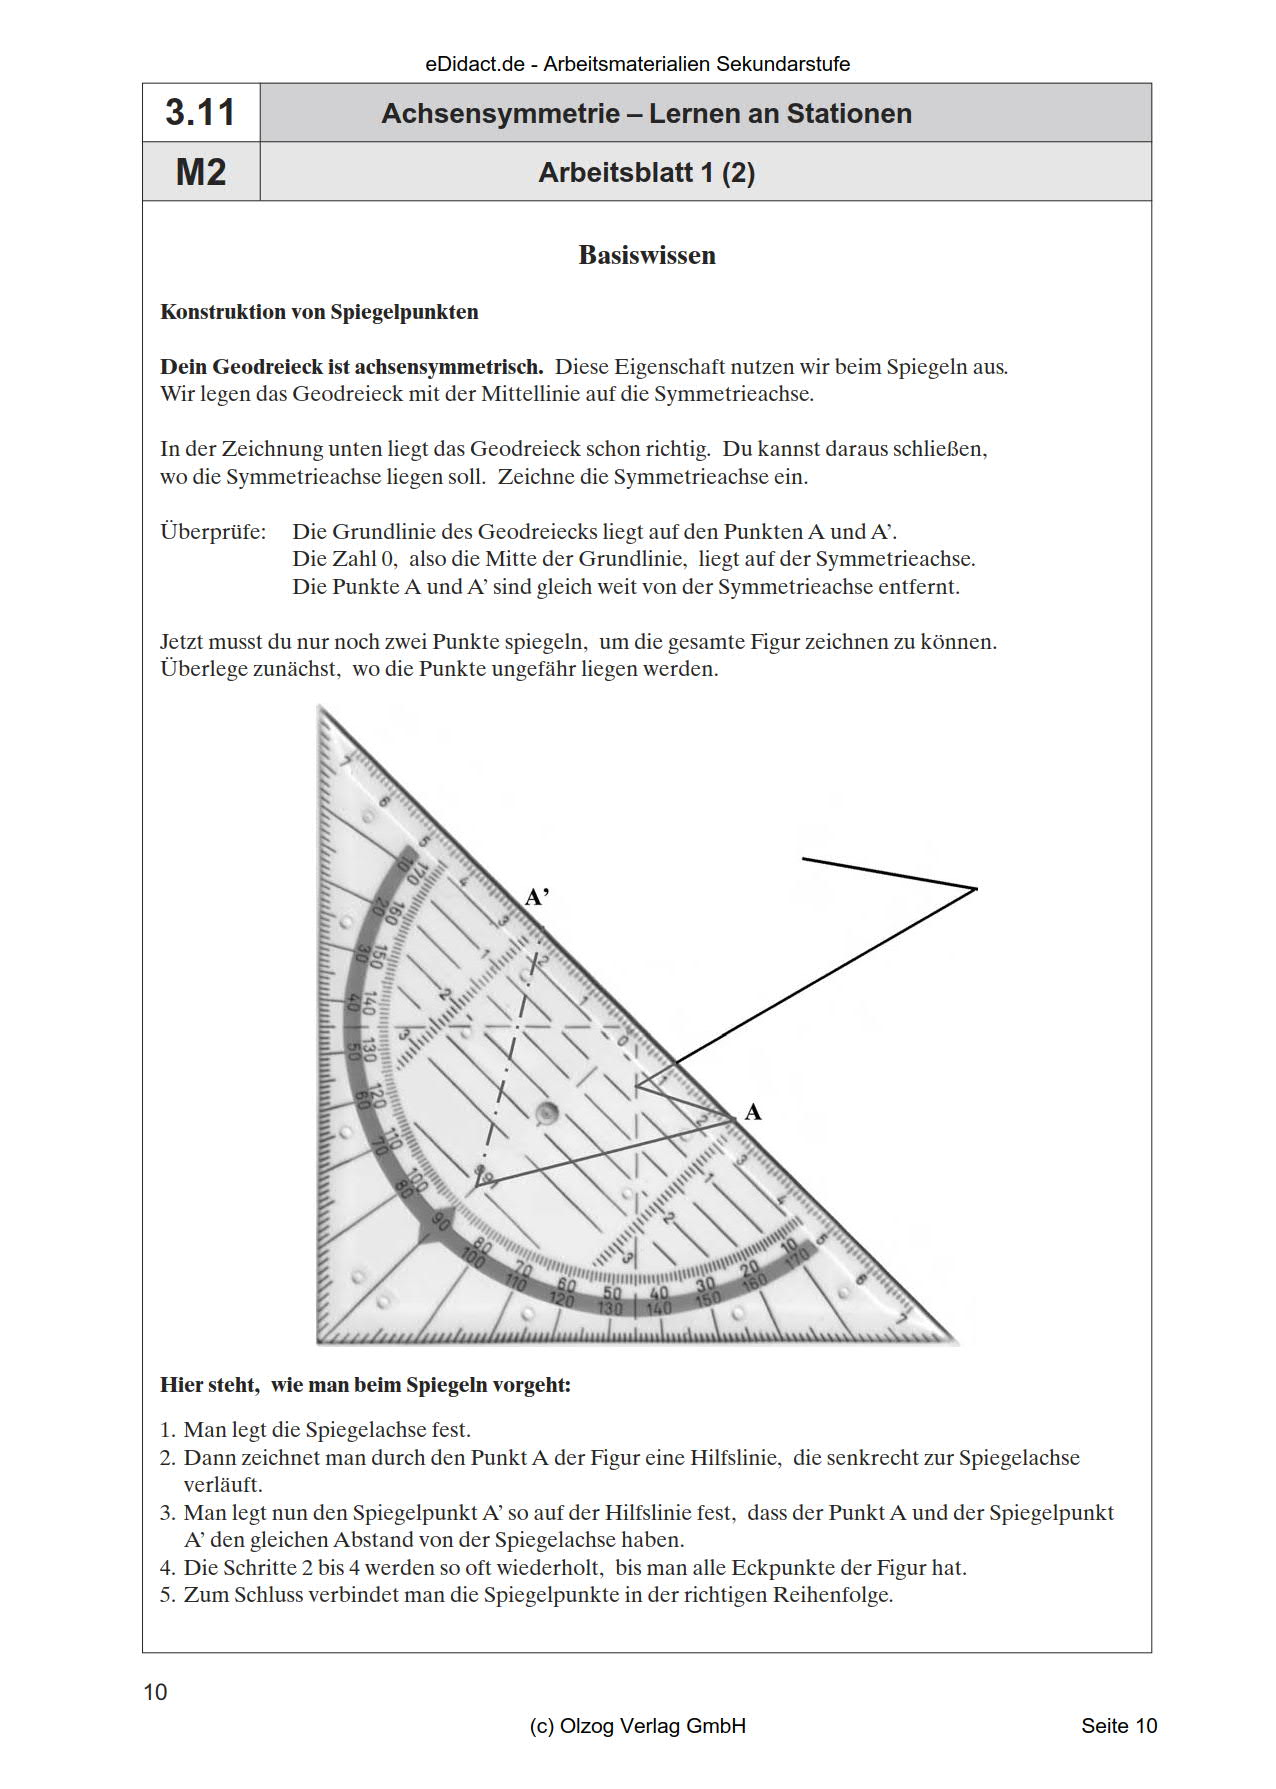 Achsensymmetrie   Lernen an Stationen